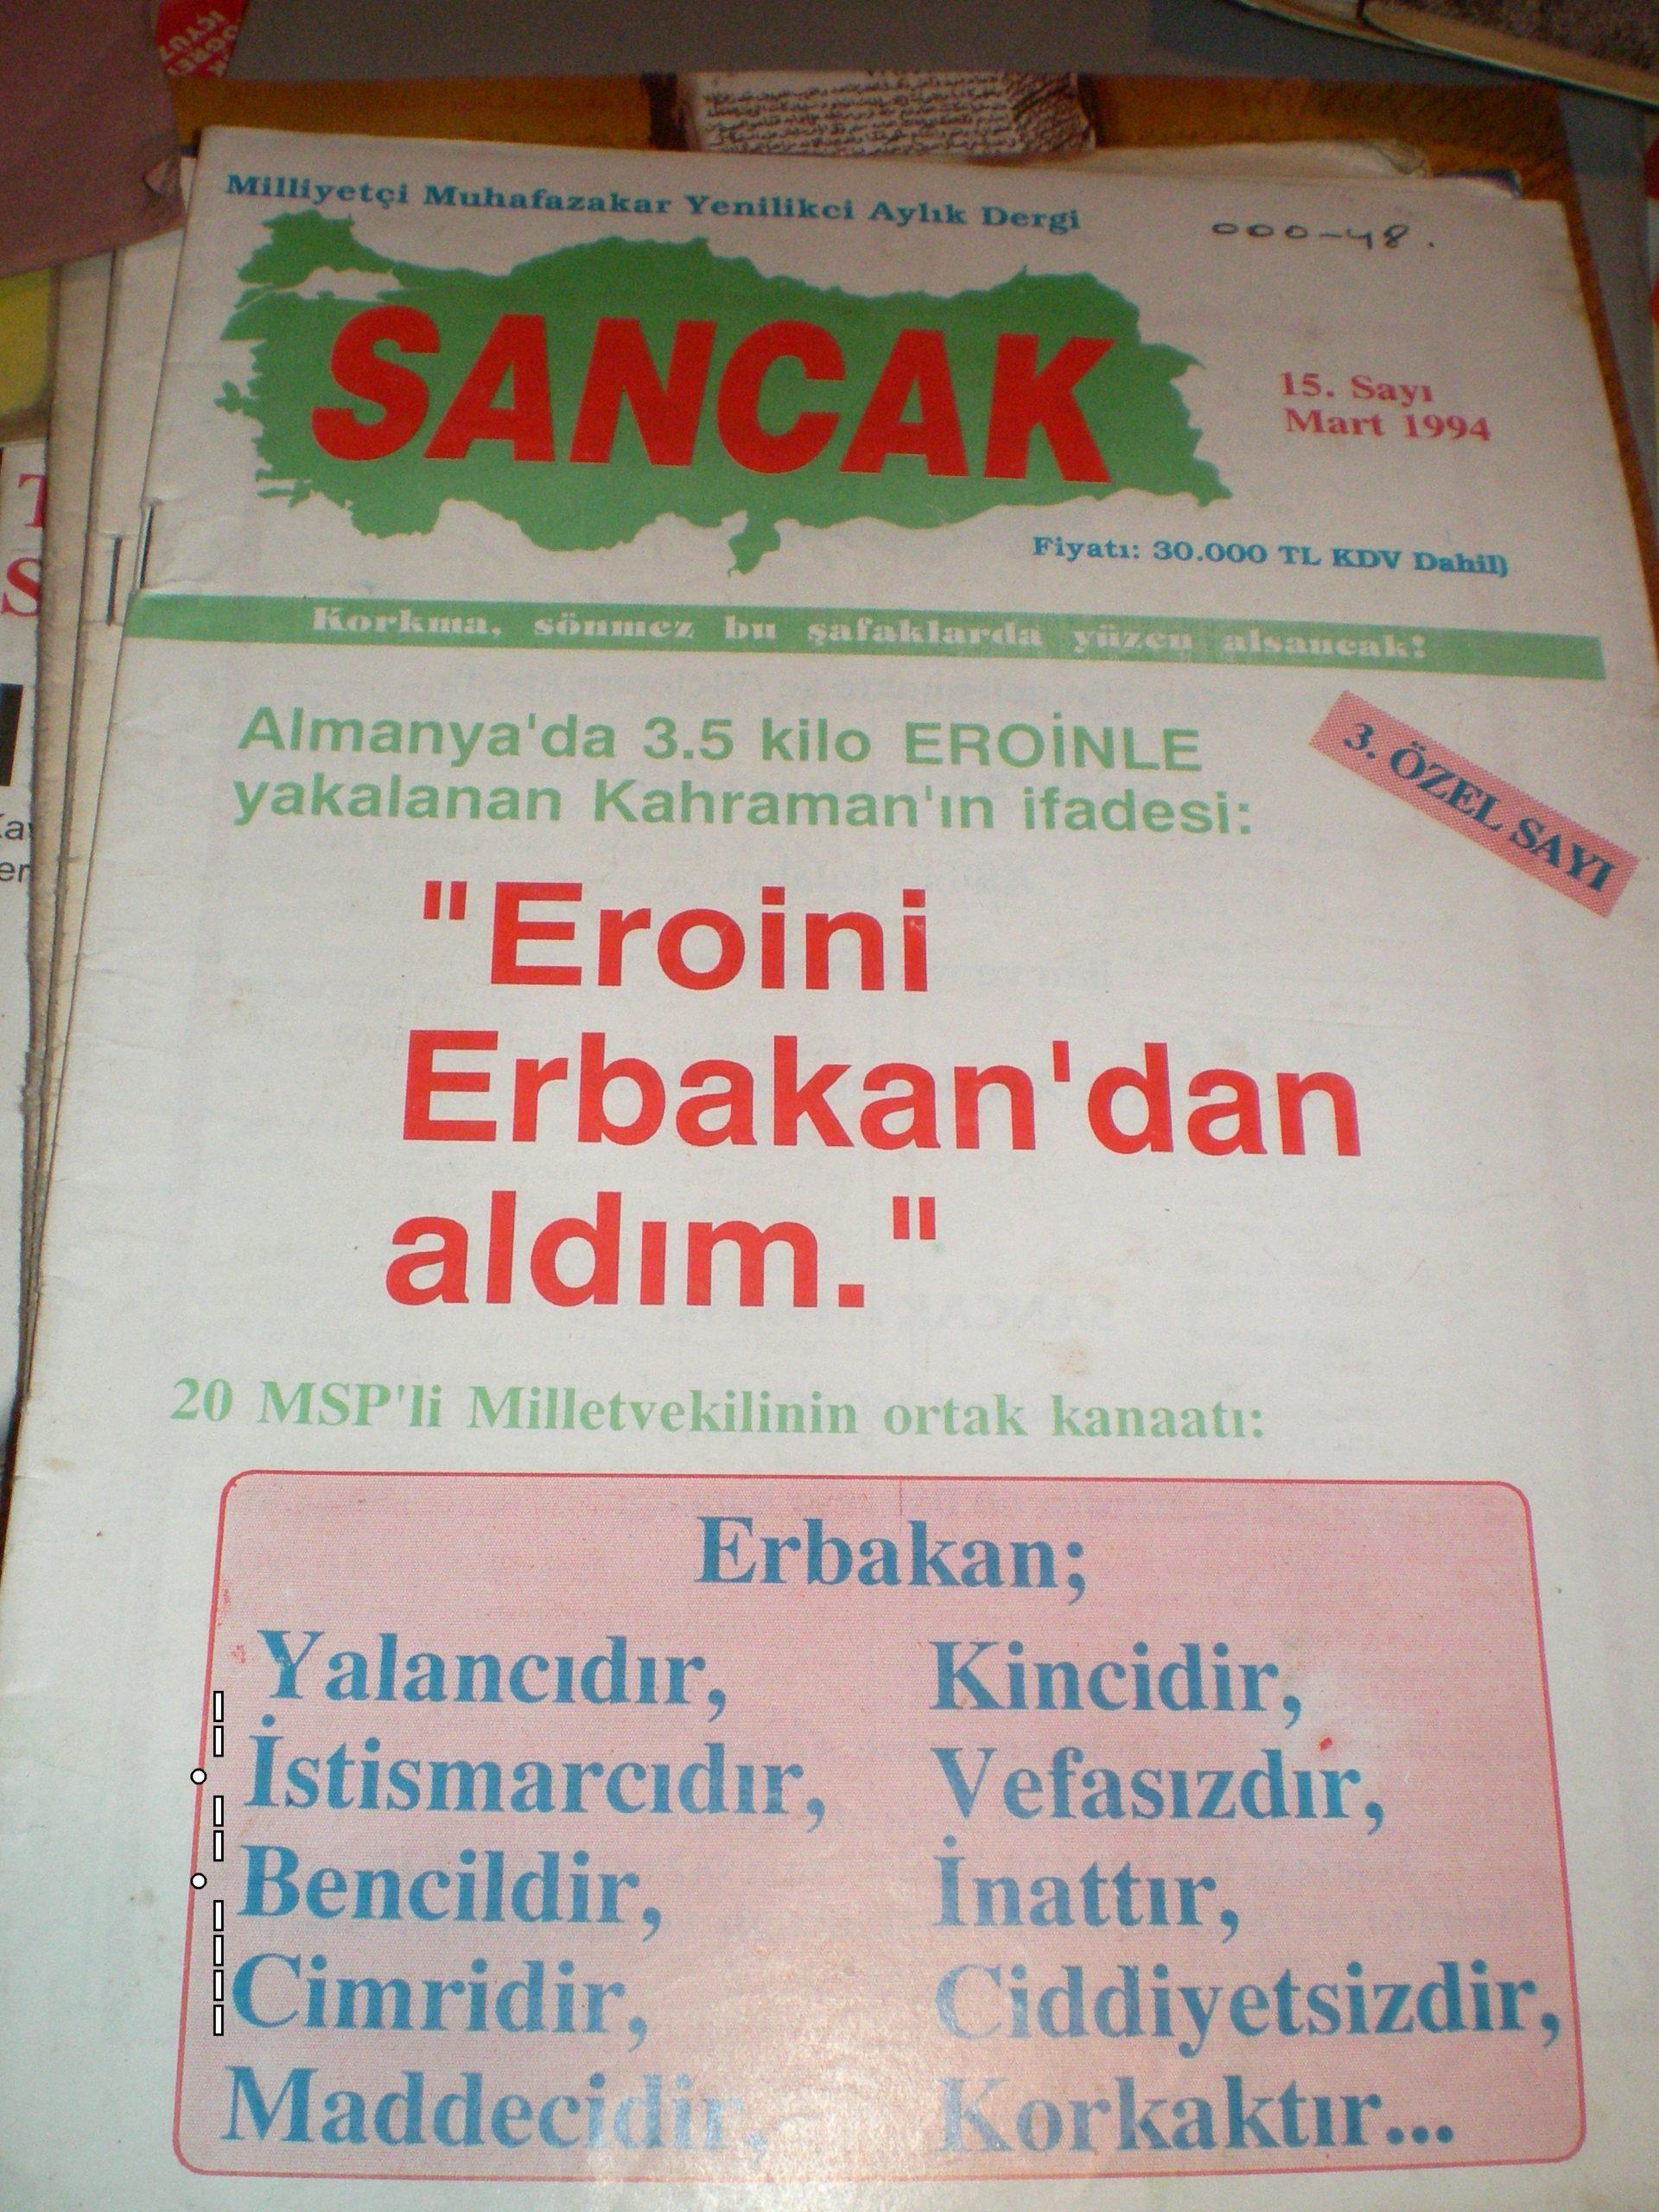 SANCAK/Mart 1994/Erbakan özel sayı/10 tl